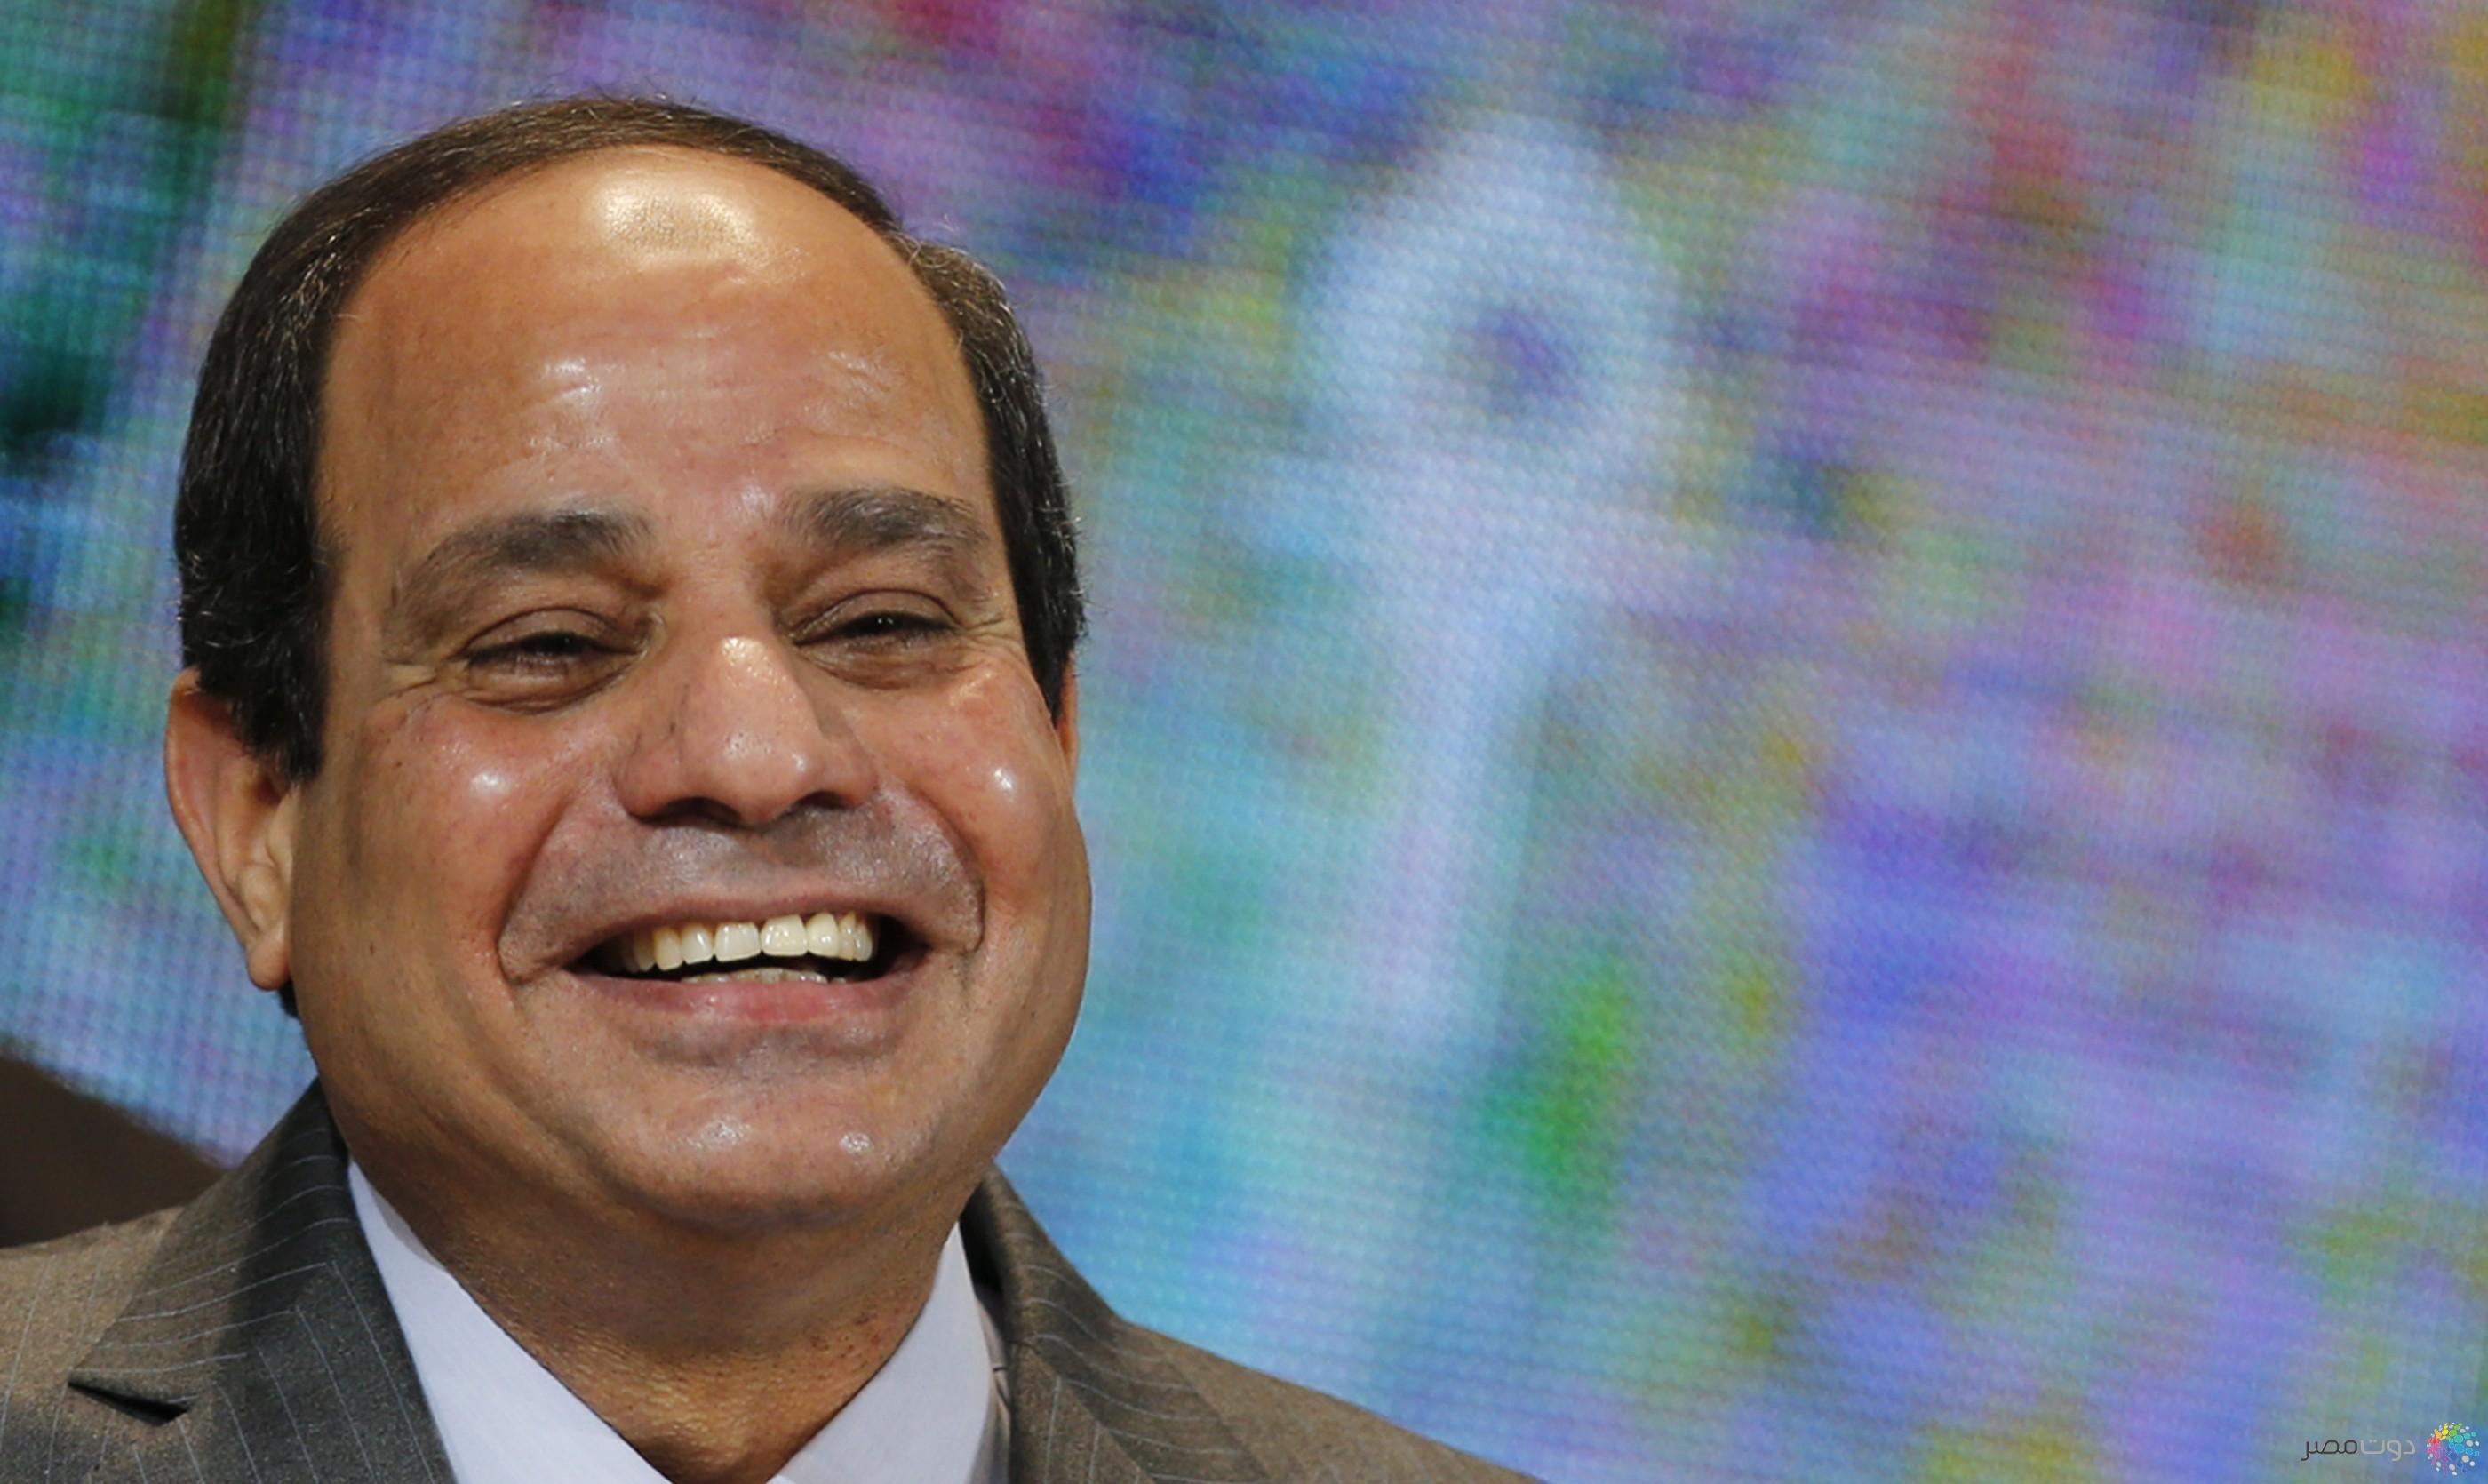 صورة غرامة إهانة الرئيس السيسي ترفد الخزينة بالملايين نظراً لسهولة السخرية منه